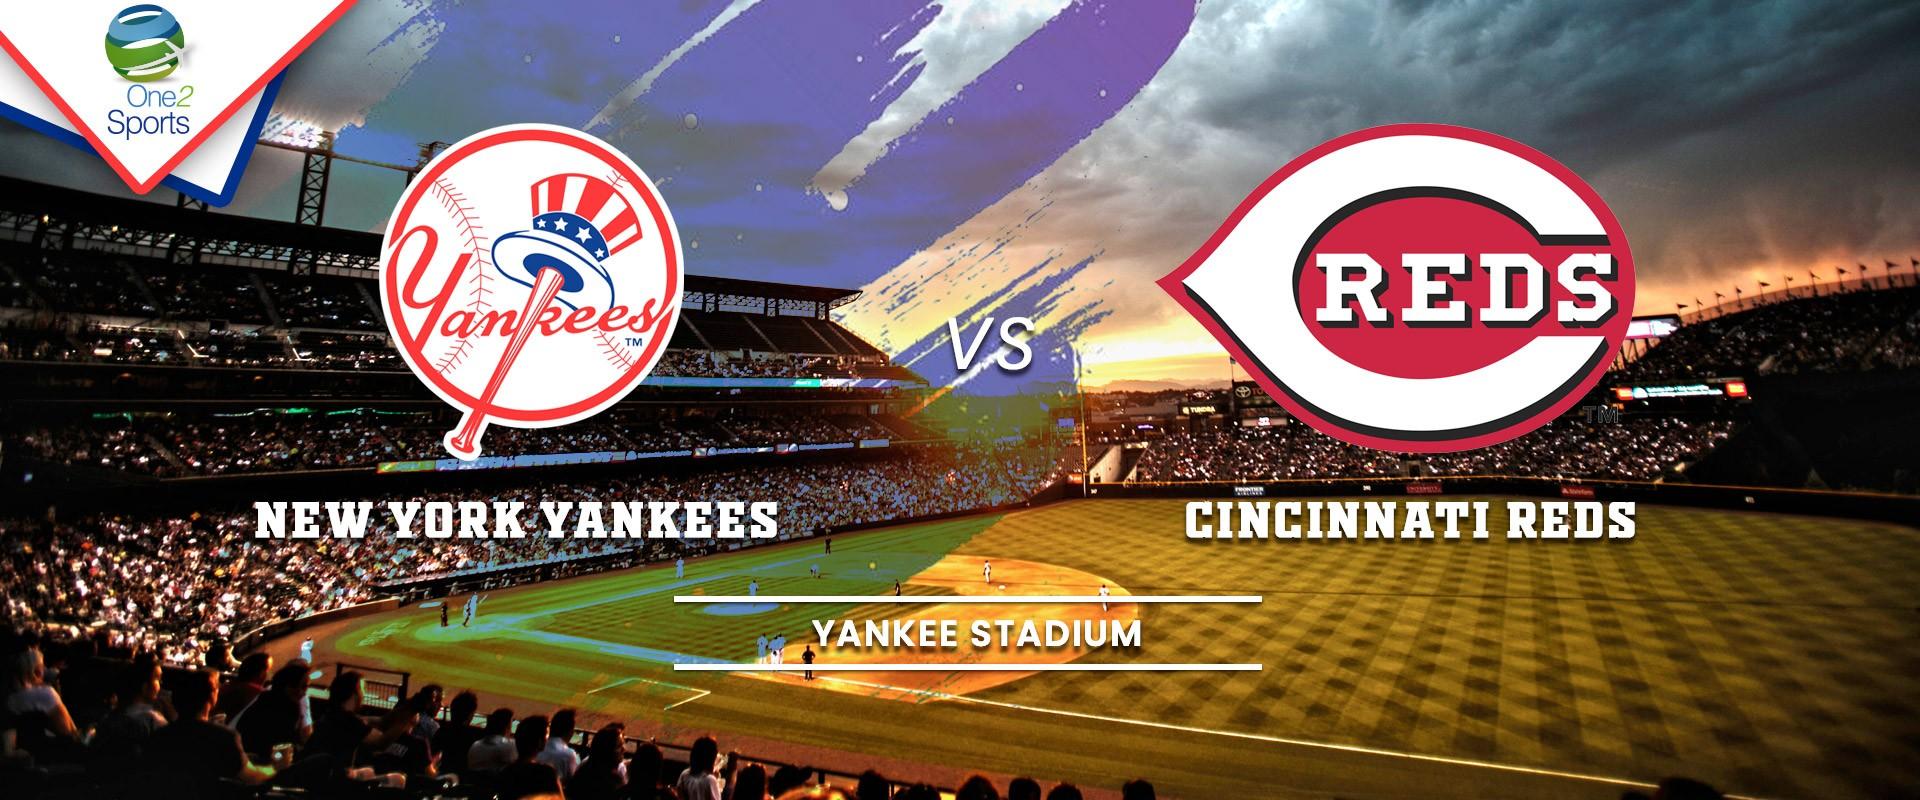 New York Yankees vs Cincinnati Reds